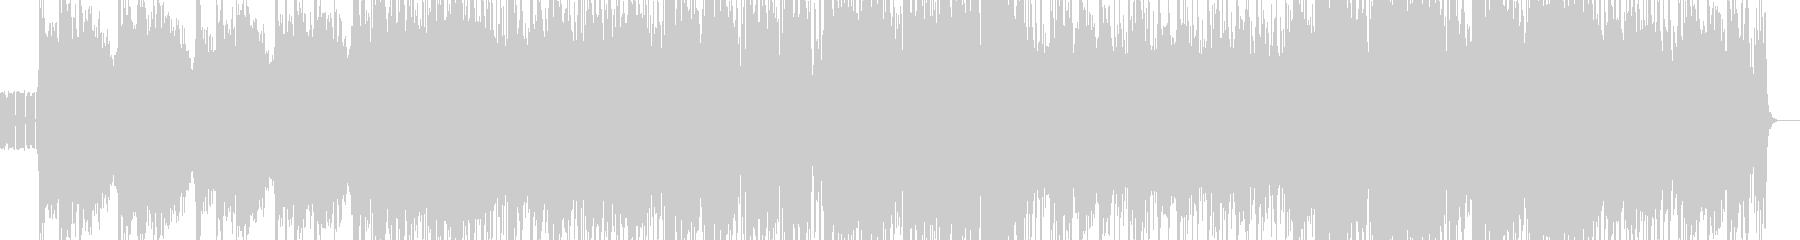 尺八/エレクトロ/和風/四つ打ち/三味線の未再生の波形